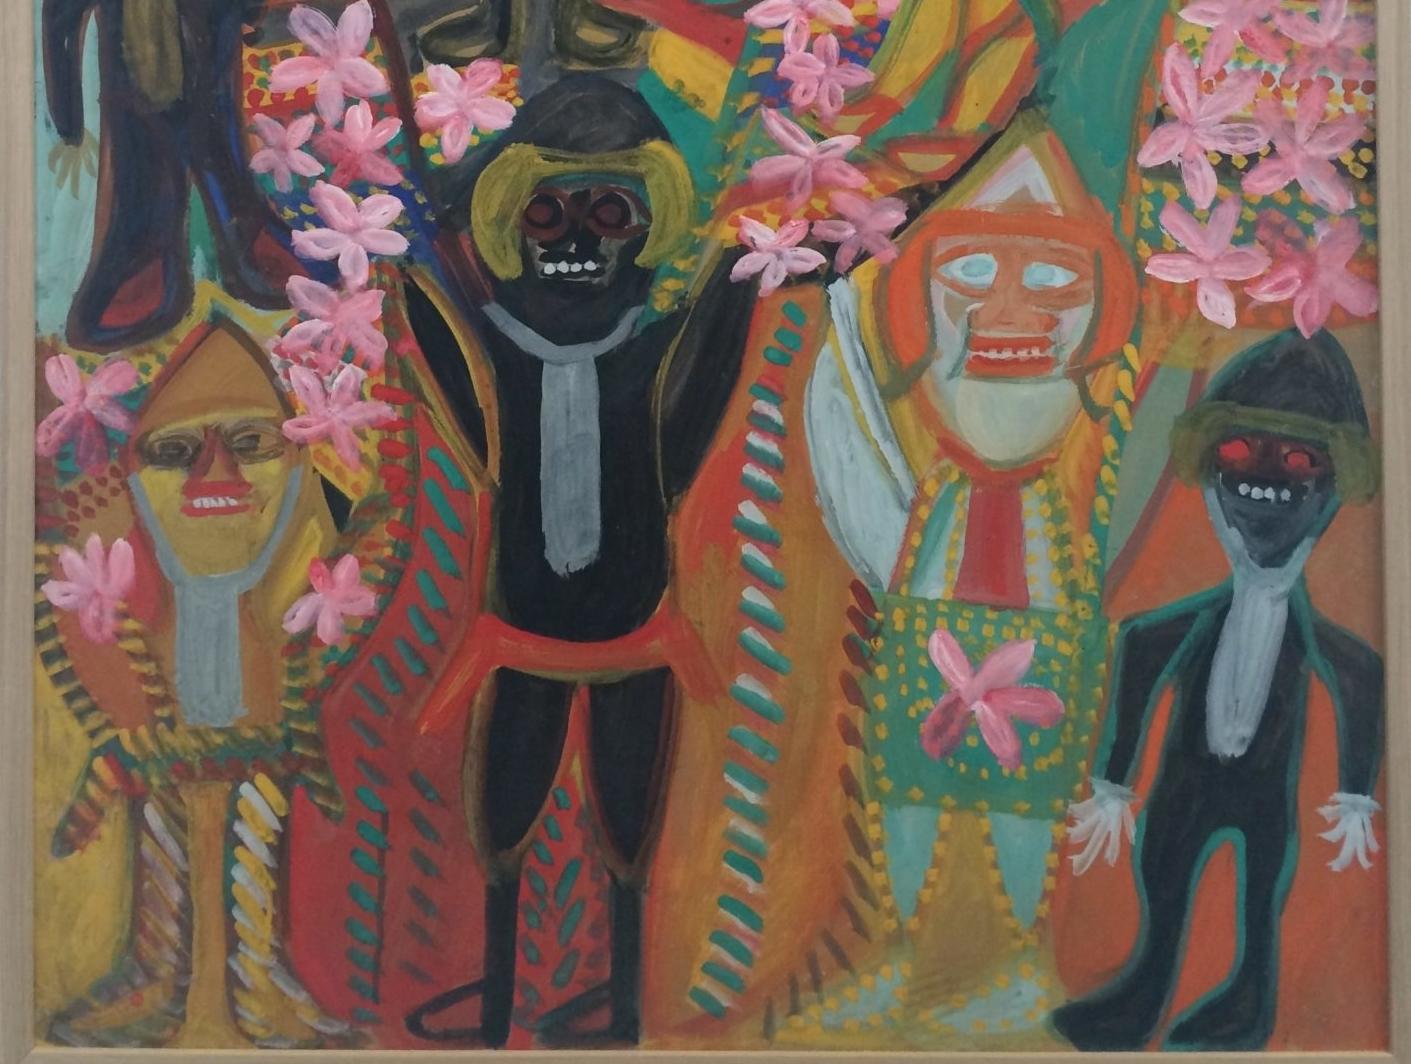 Au musée des Beaux-Arts de Chambéry découvrez ANSELME BOIX-VIVES, un peintre original